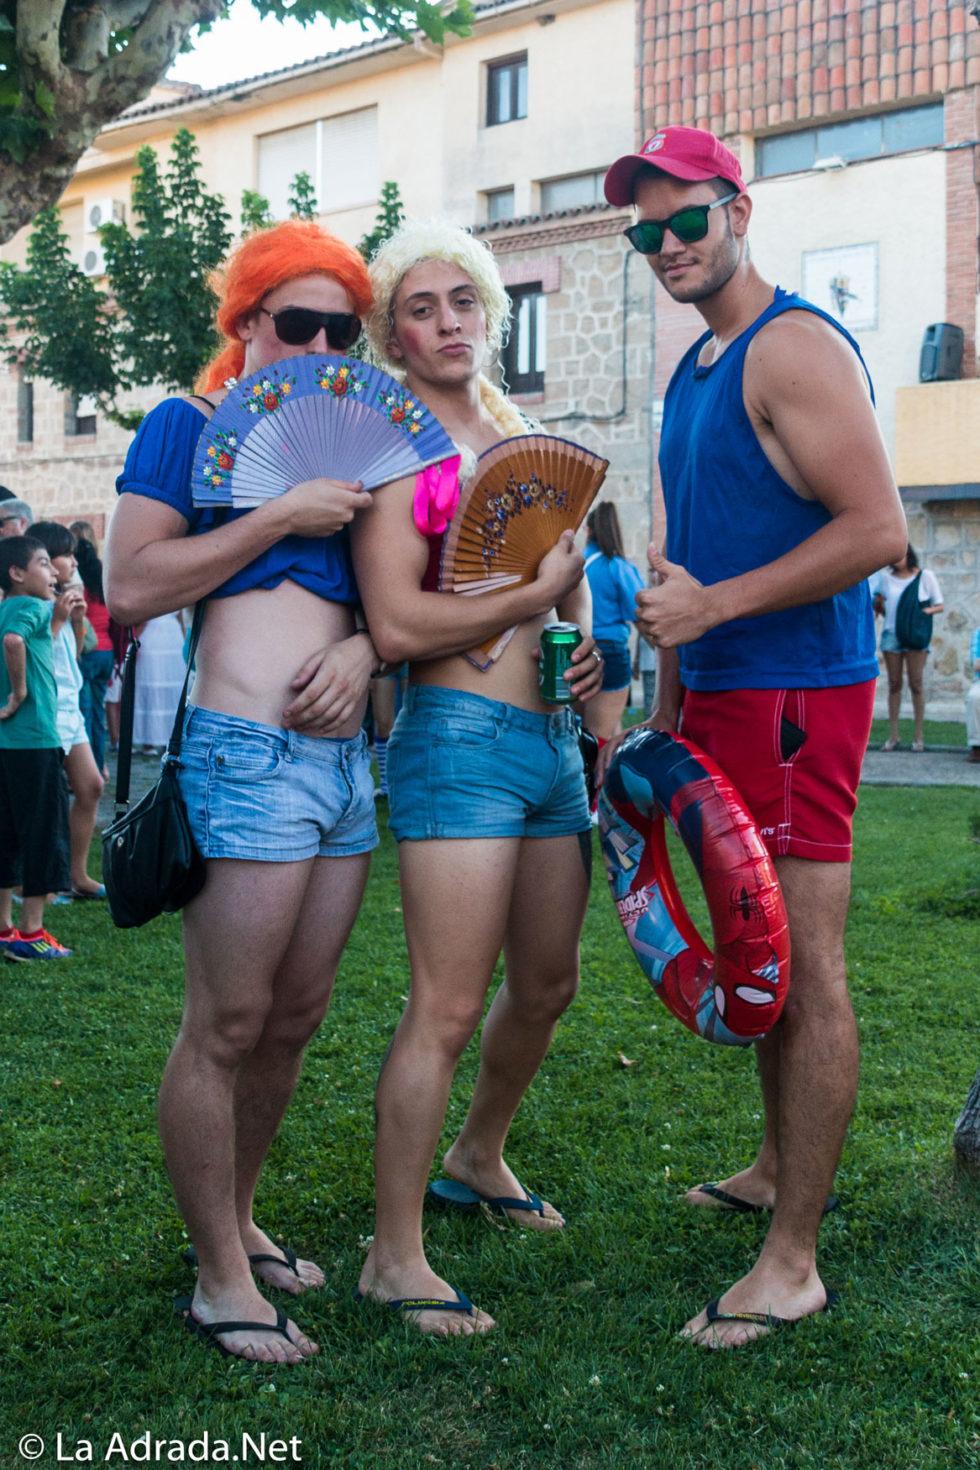 carnaval-de-verano_20063100300_o